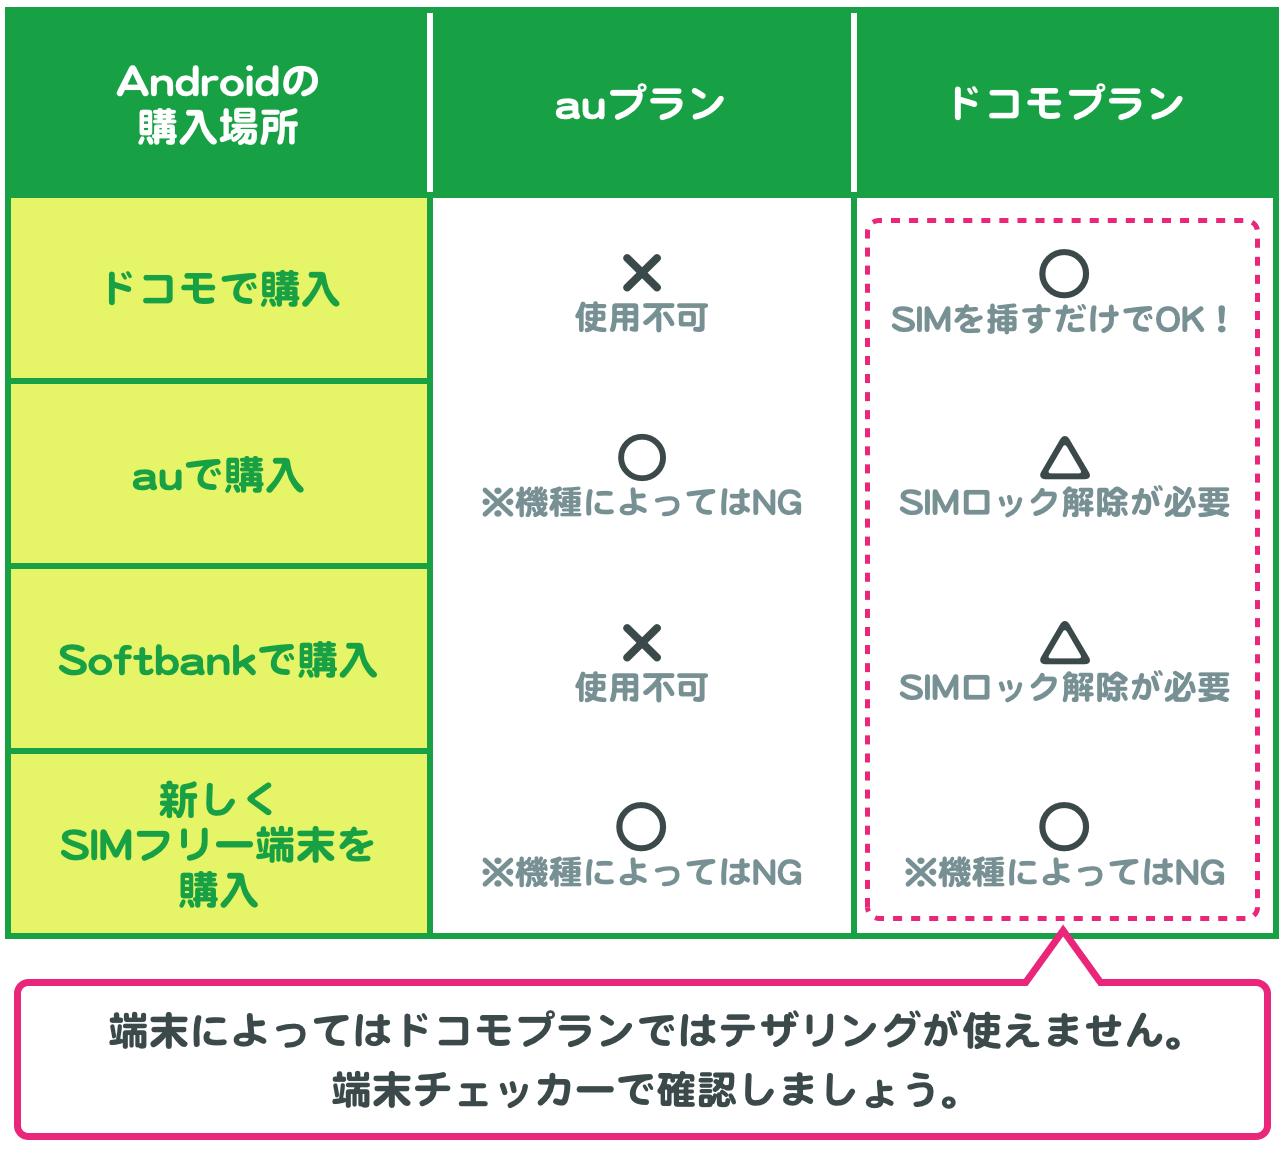 Androidの購入場所×回線タイプの組み合わせ表。auプランは、auで購入した場合か、新しくSIMフリー端末を購入した場合のみ使える。ドコモプランは、ドコモで購入の場合とSIMフリー端末の場合はSIMを挿せばそのまま使えるが、auかSoftbankで購入した場合はSIMロック解除が必要。また、端末によってはドコモプランではテザリングが使えない。端末チェッカーで要確認。